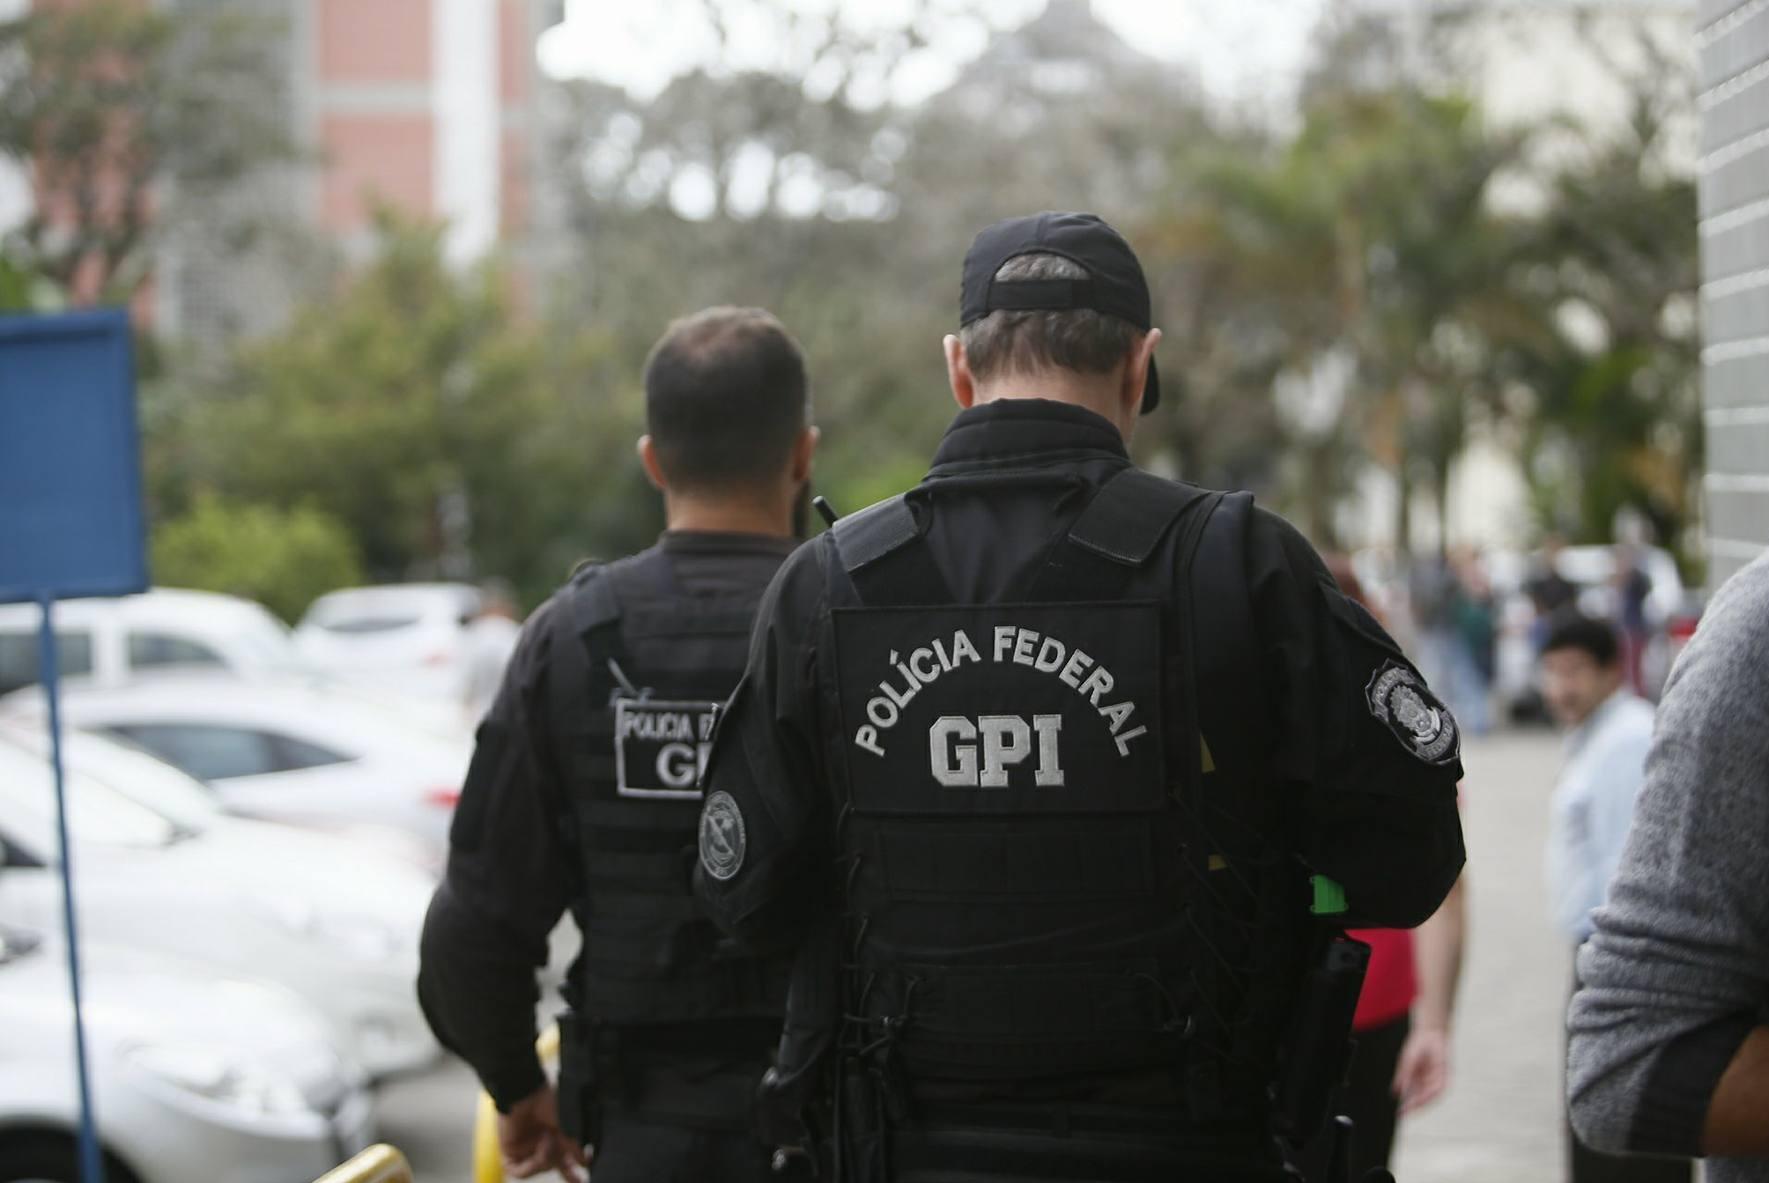 Polícia Federal cumpre mandados judiciais na UFSC - Daniel Queiroz/ND